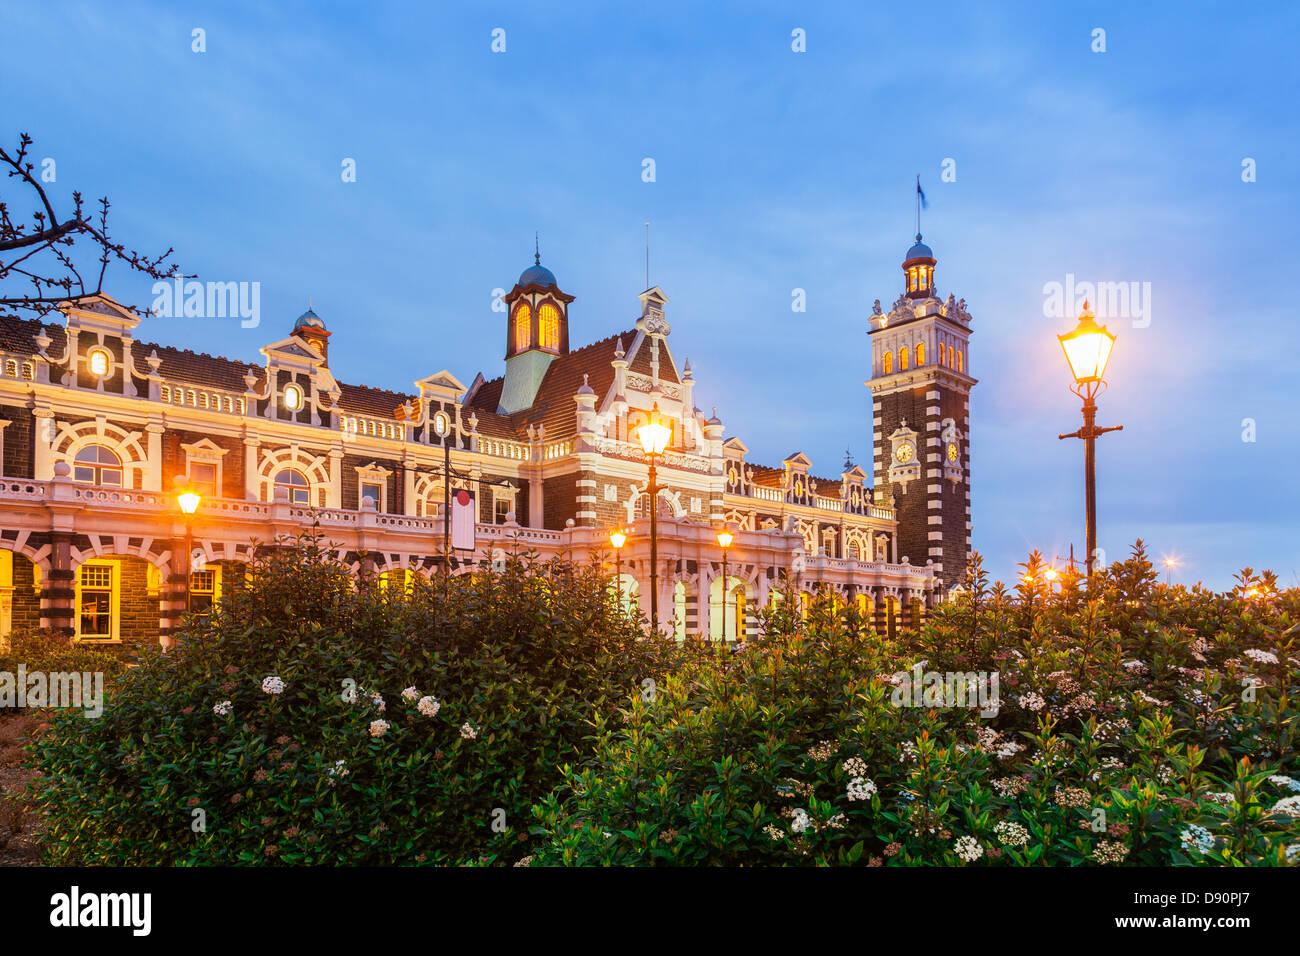 La gare de Dunedin allumé au crépuscule. Banque D'Images